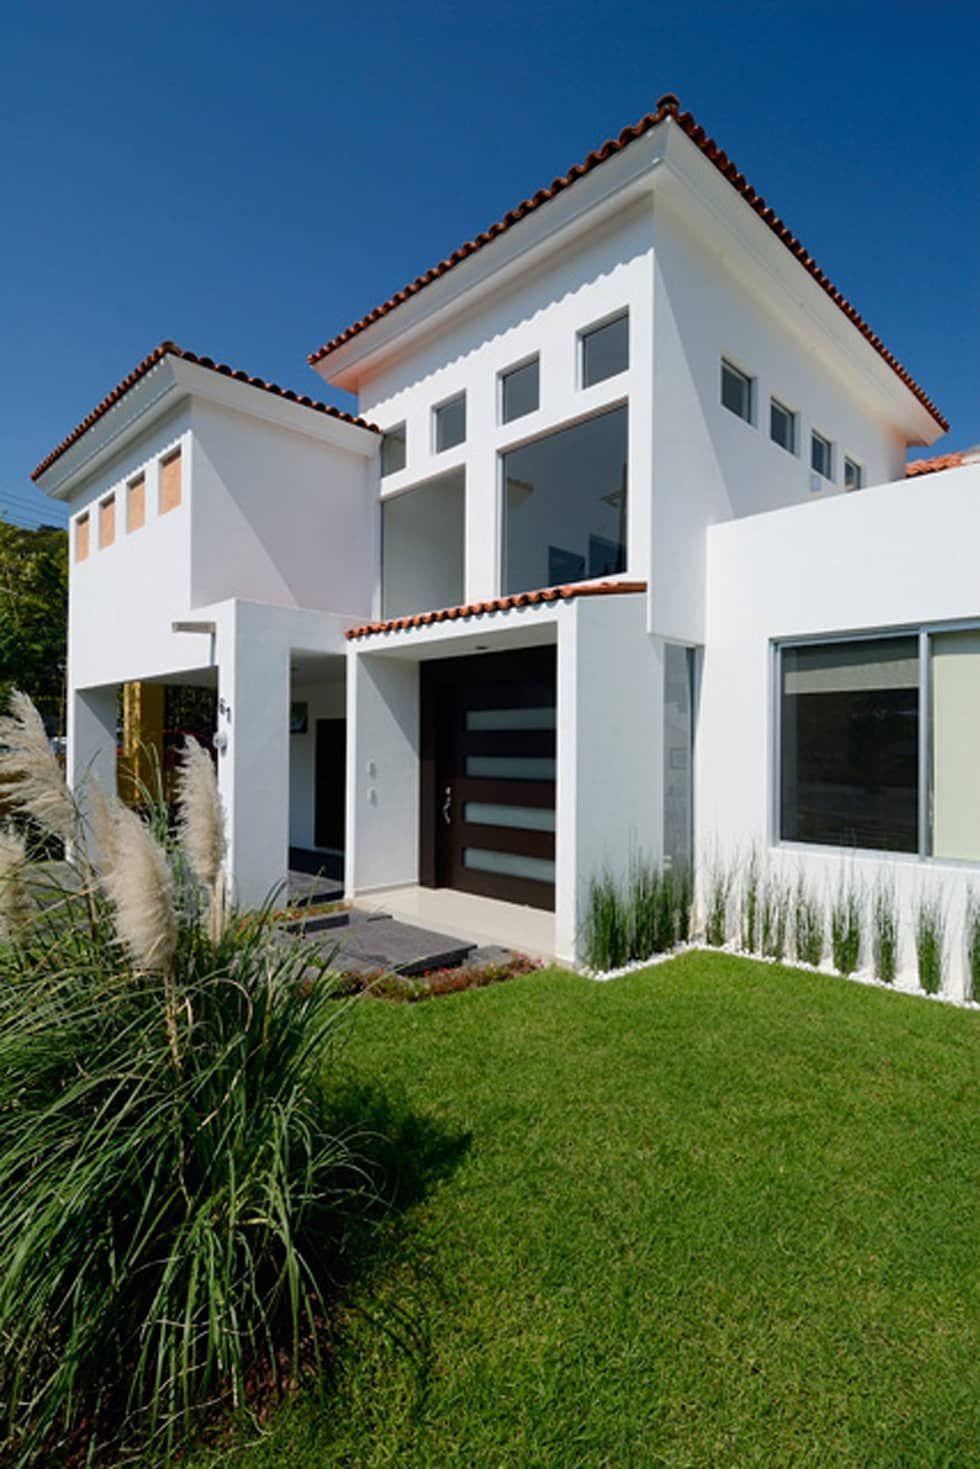 Fachada frontal casas de estilo por excelencia en dise o for Fachada de casas modernas con tejas